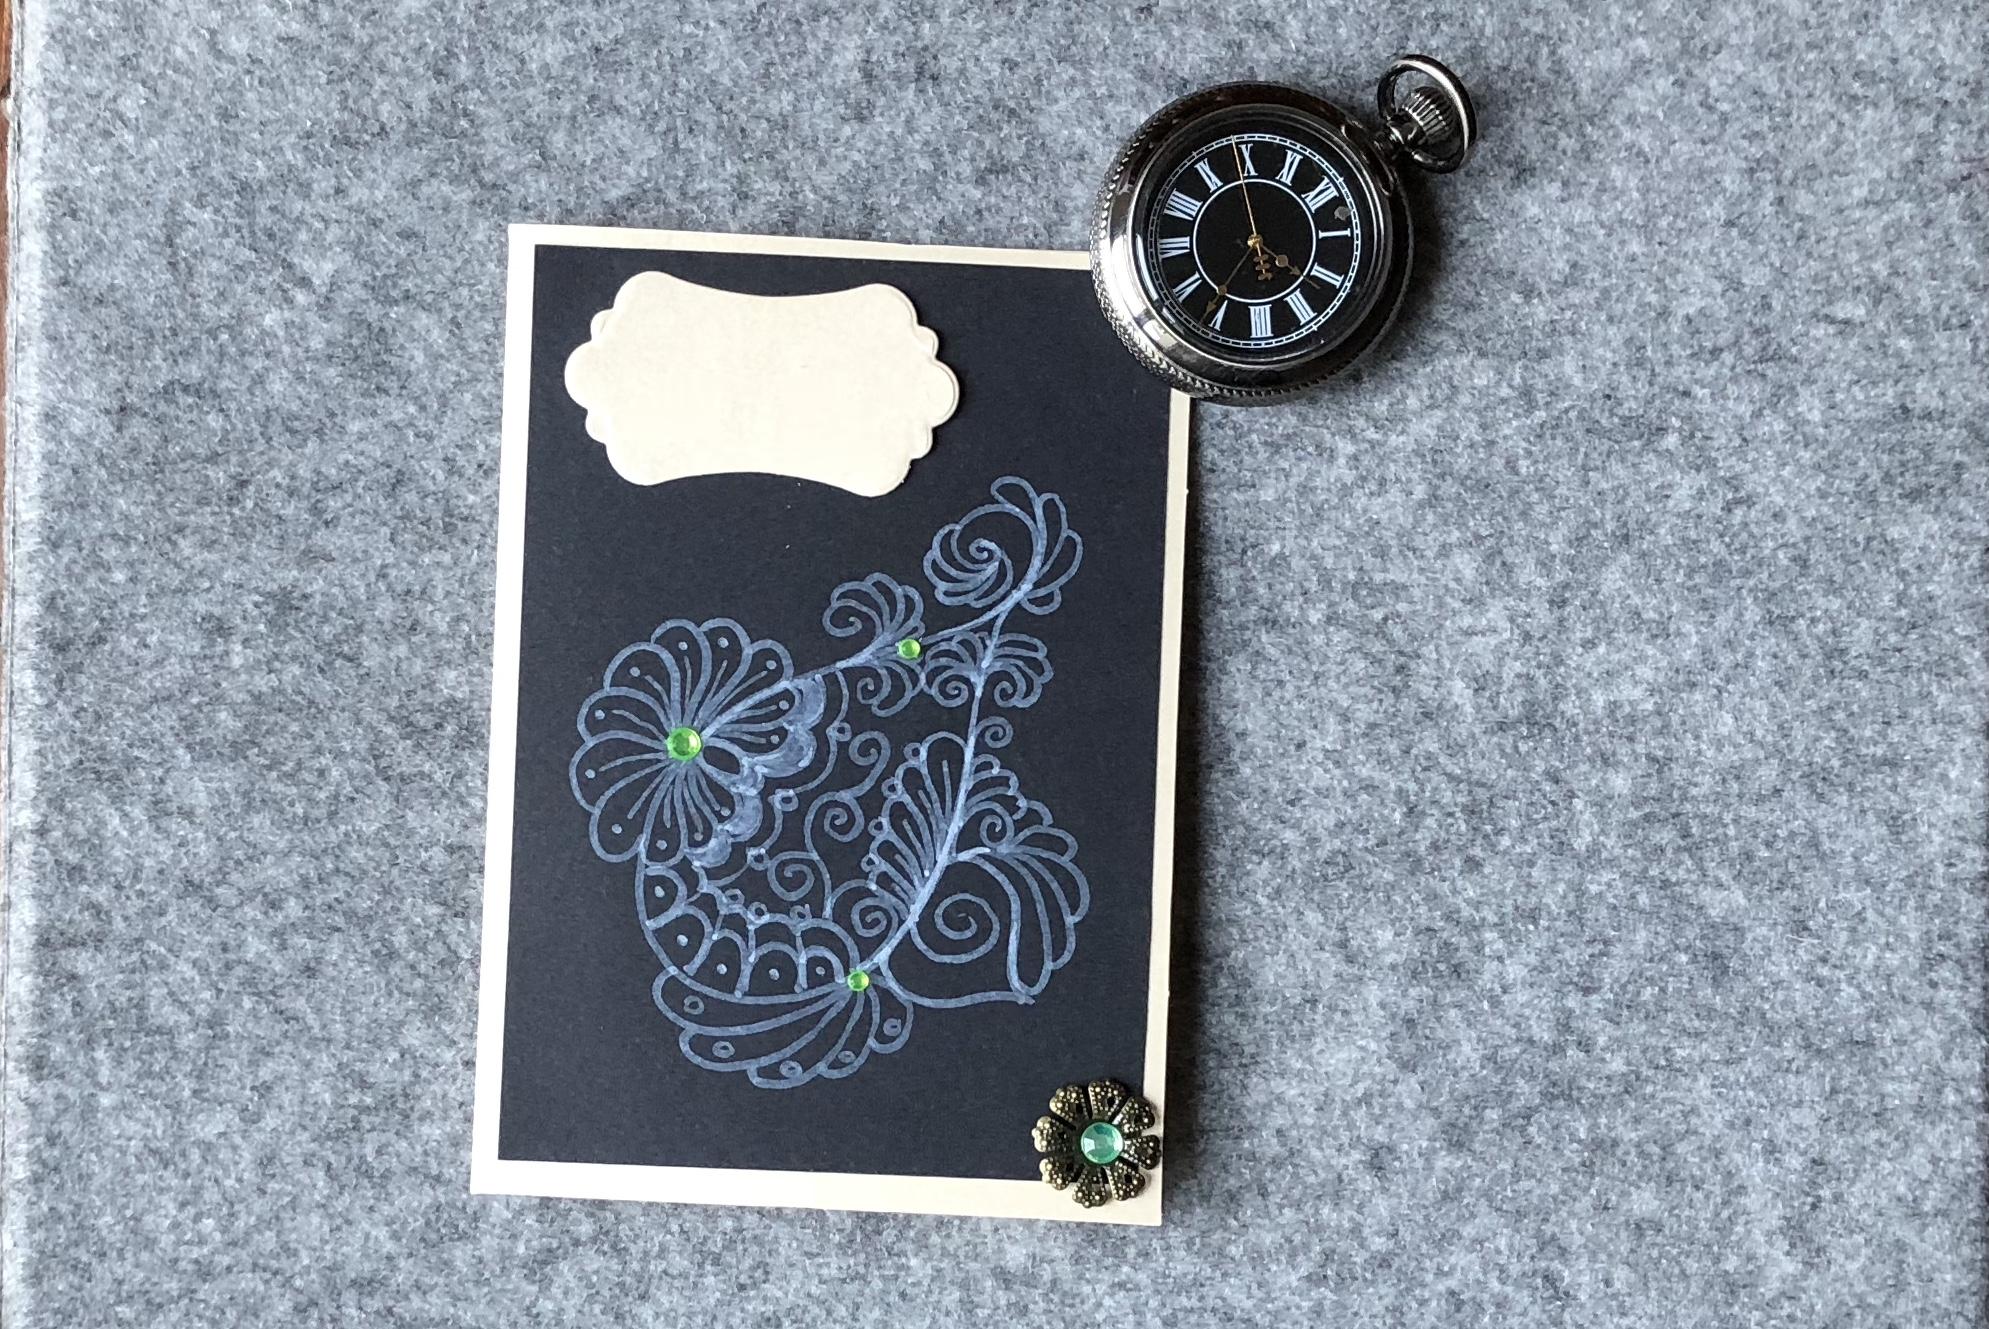 perlmuttkarte, schwarze Auflage mit weissem Stift bemalt. Verziert mit grünen Steinchen und einem Metall Vintage Sticker.